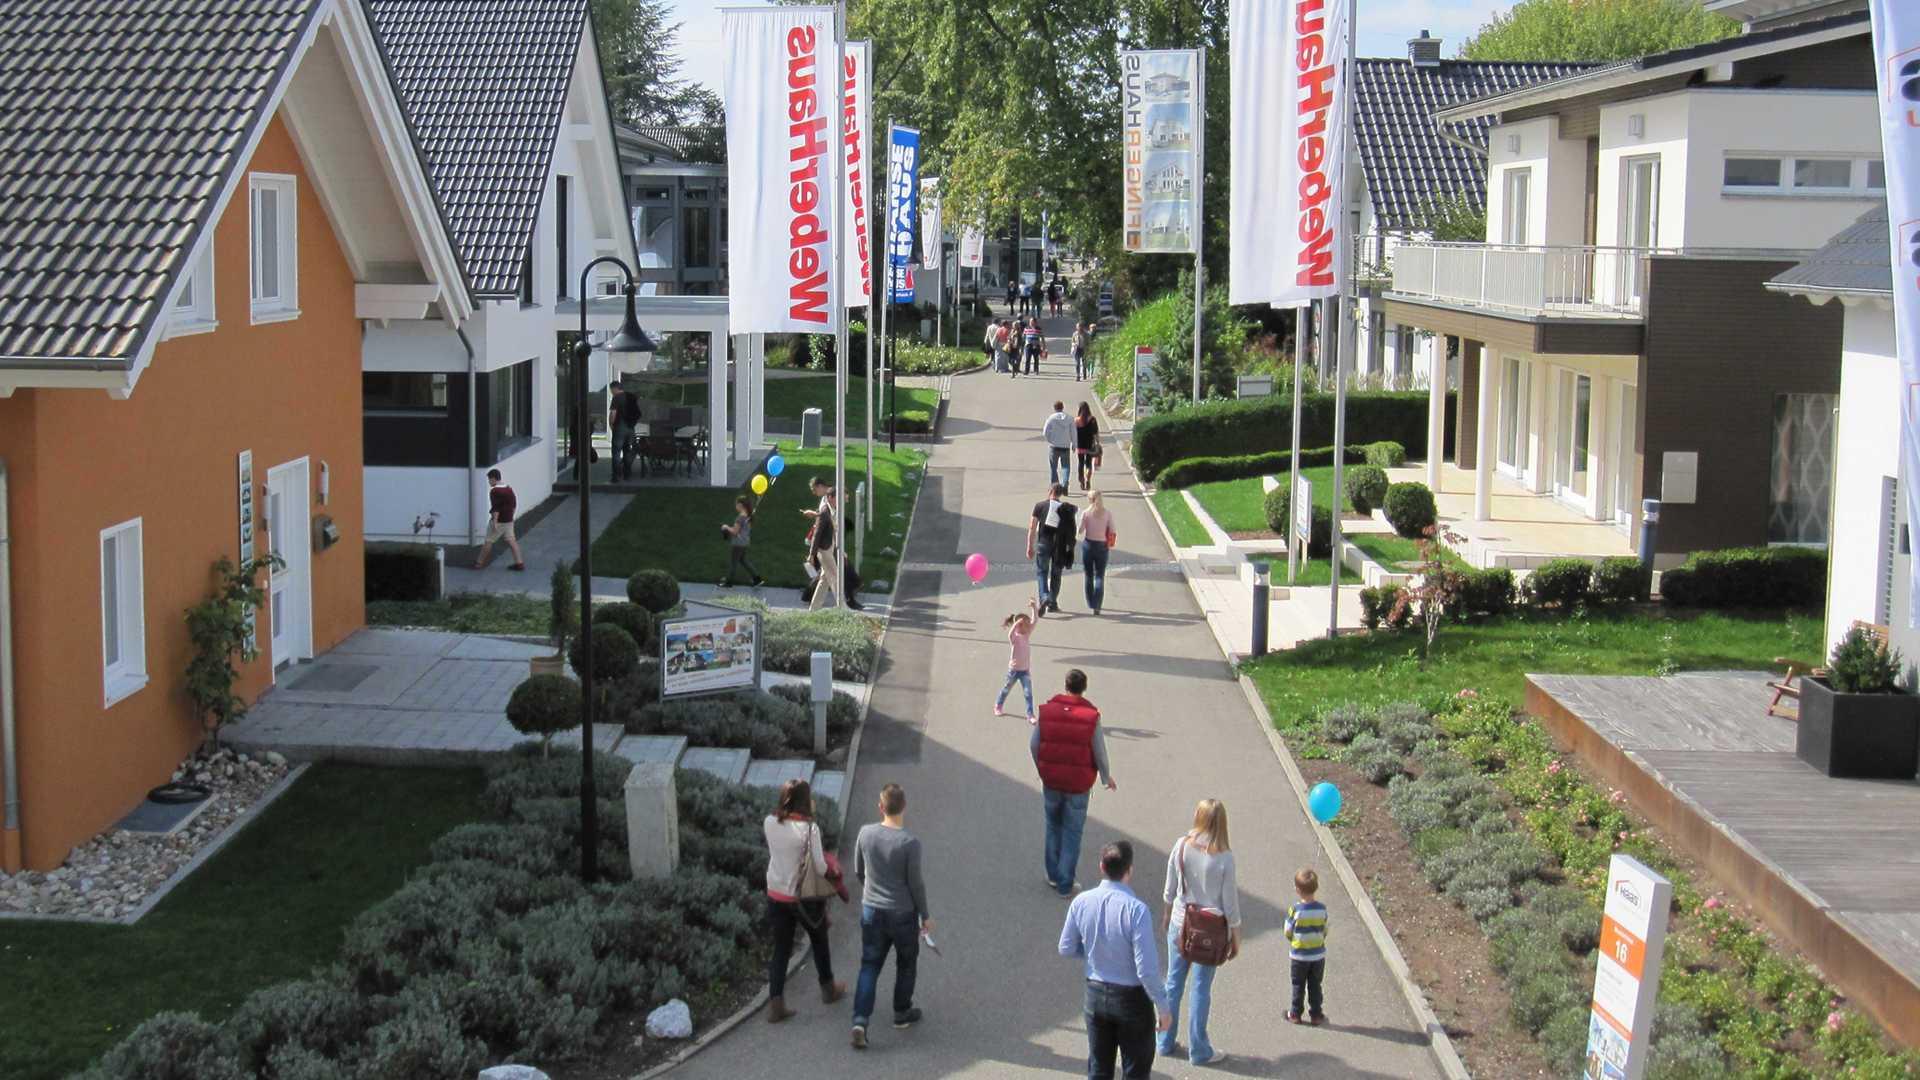 musterhausausstellung musterhauspark fellbach bei stuttgart